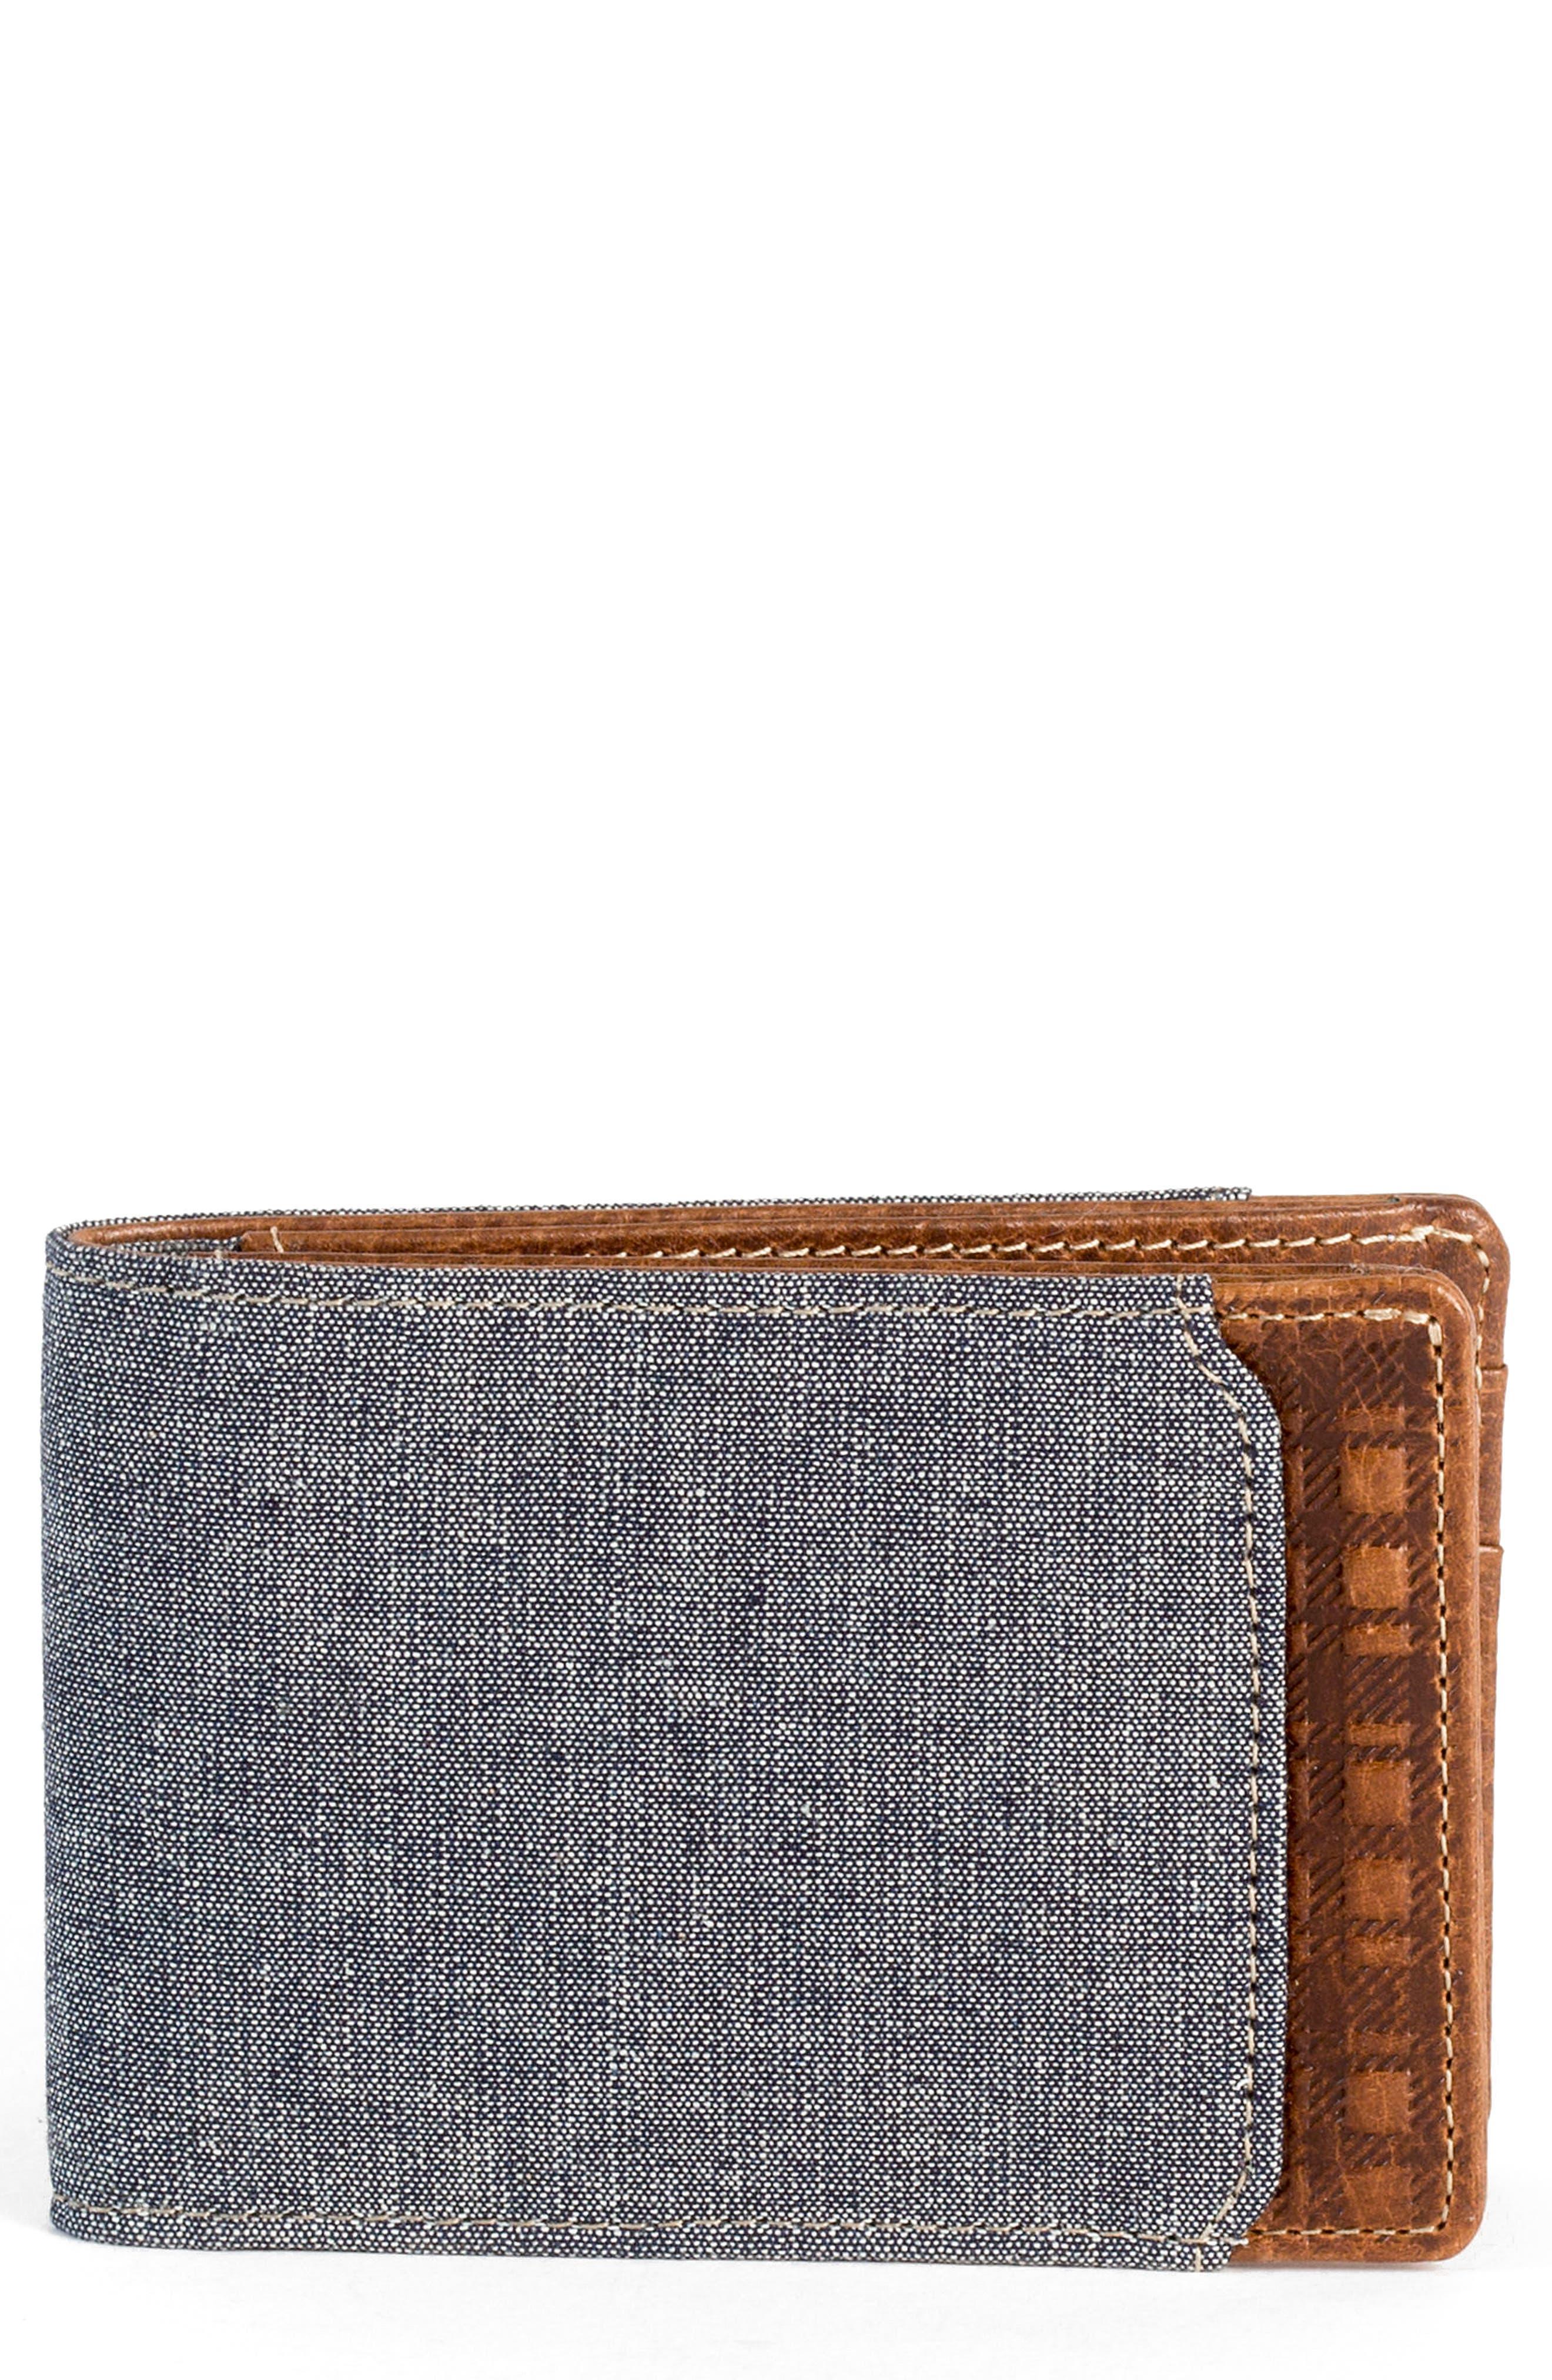 Boconi Caleb LTE Wallet